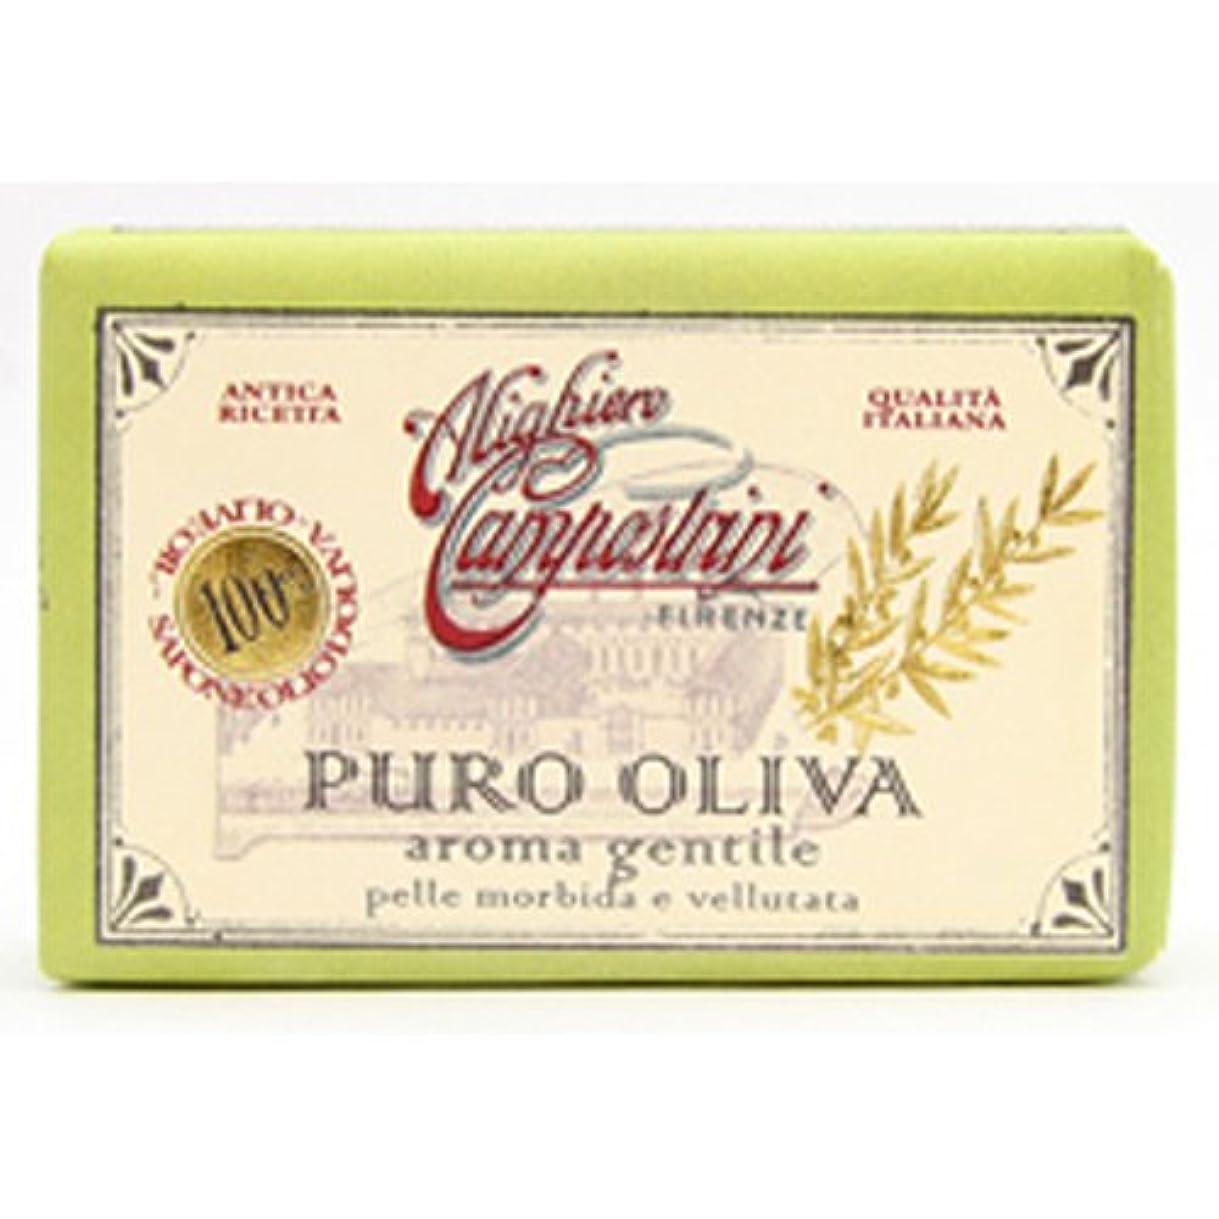 ポケット行進盲信Saponerire Fissi サポネリーフィッシー PURO OLIVA Soap オリーブオイル ピュロ ソープ Aroma gentile ジェントル(グリーン)